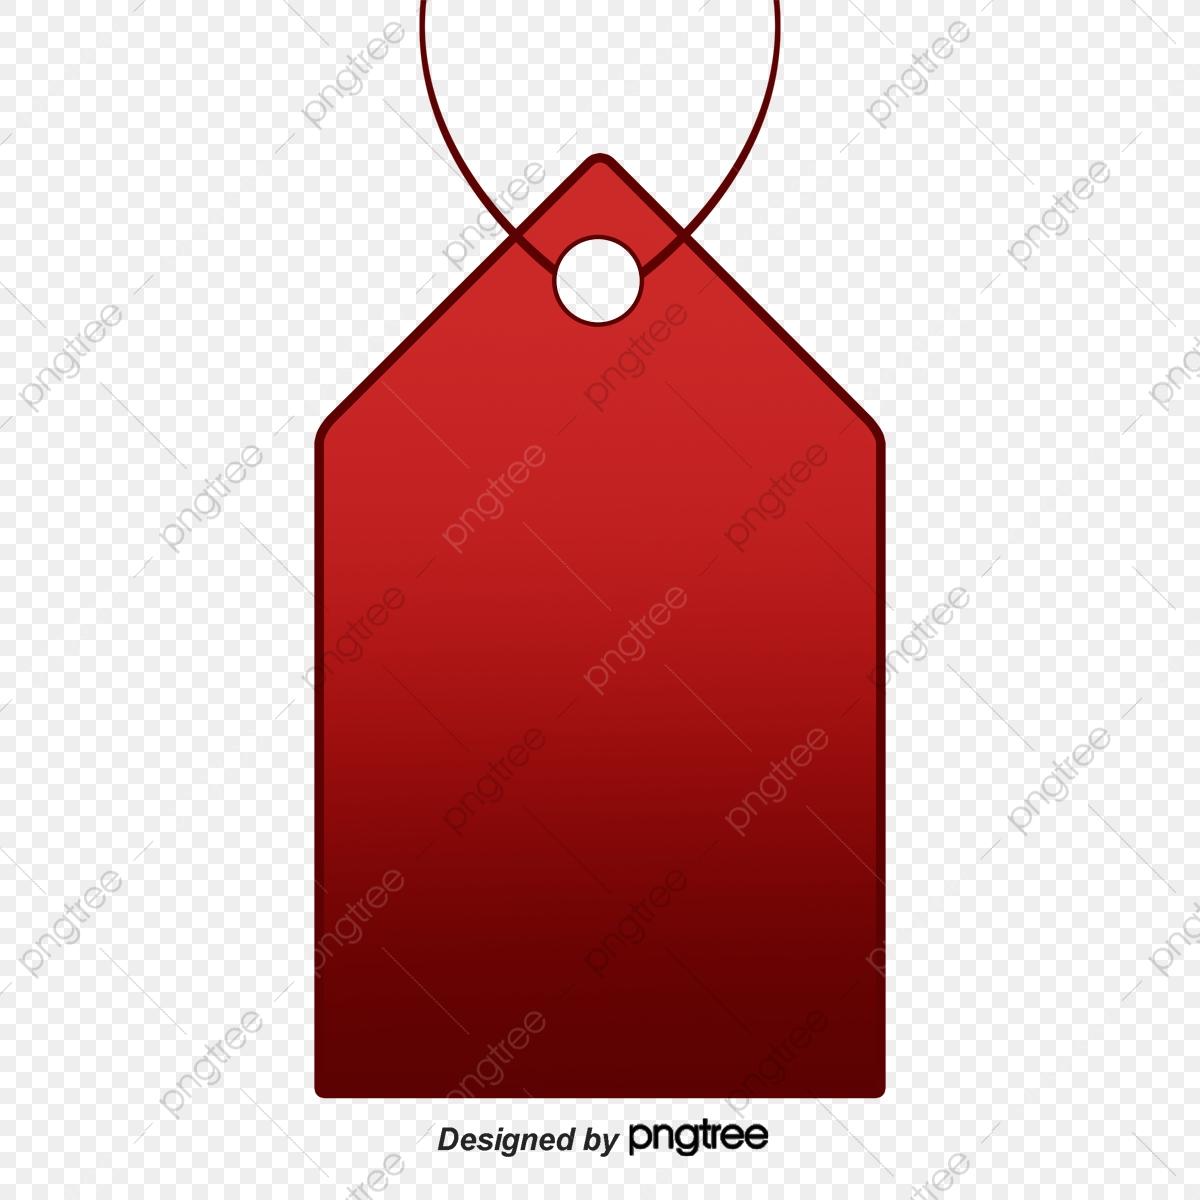 A Etiqueta De Preço, Material De Etiqueta De Preço, A Etiqueta De.